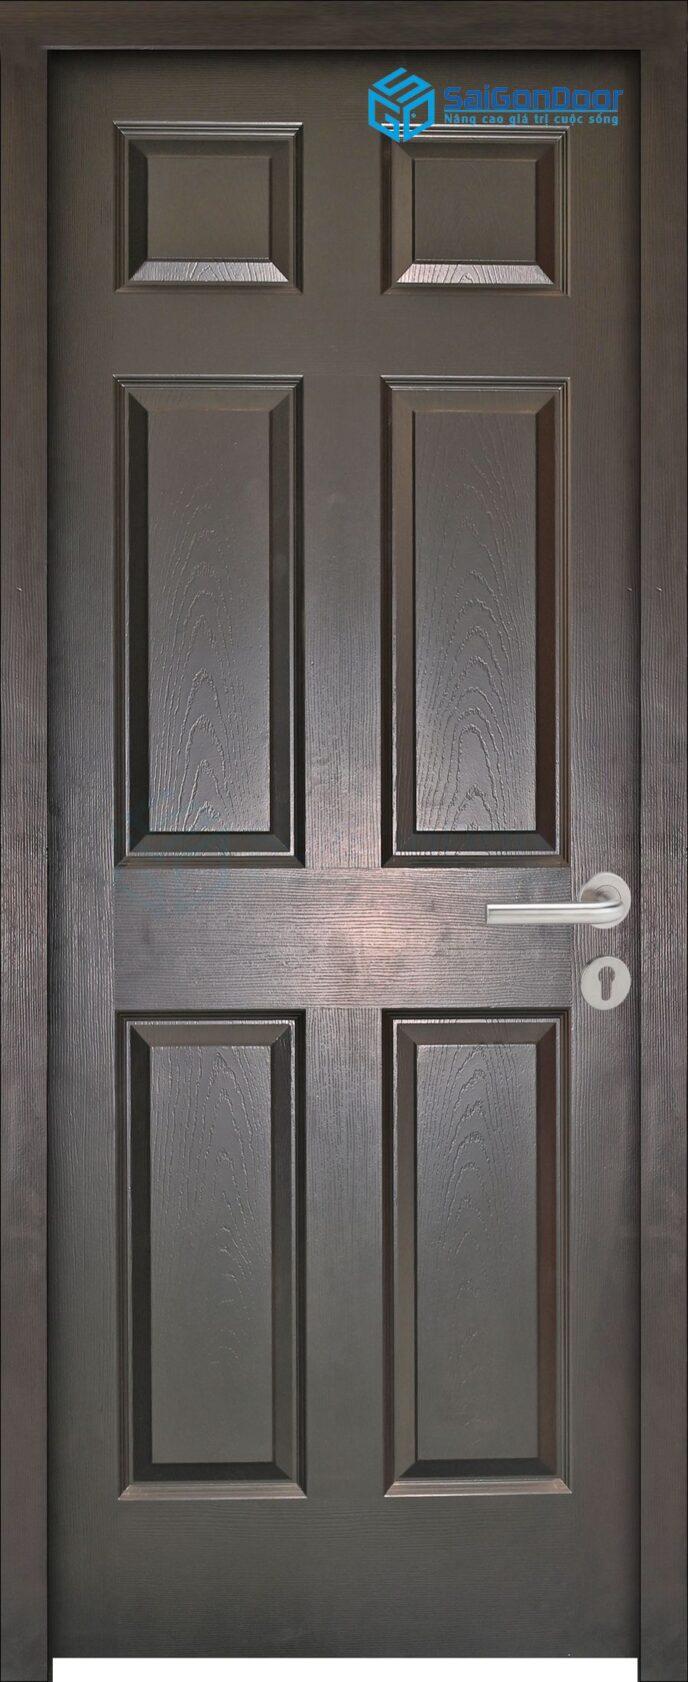 Cửa gỗ cao cấp 6A-C14 2